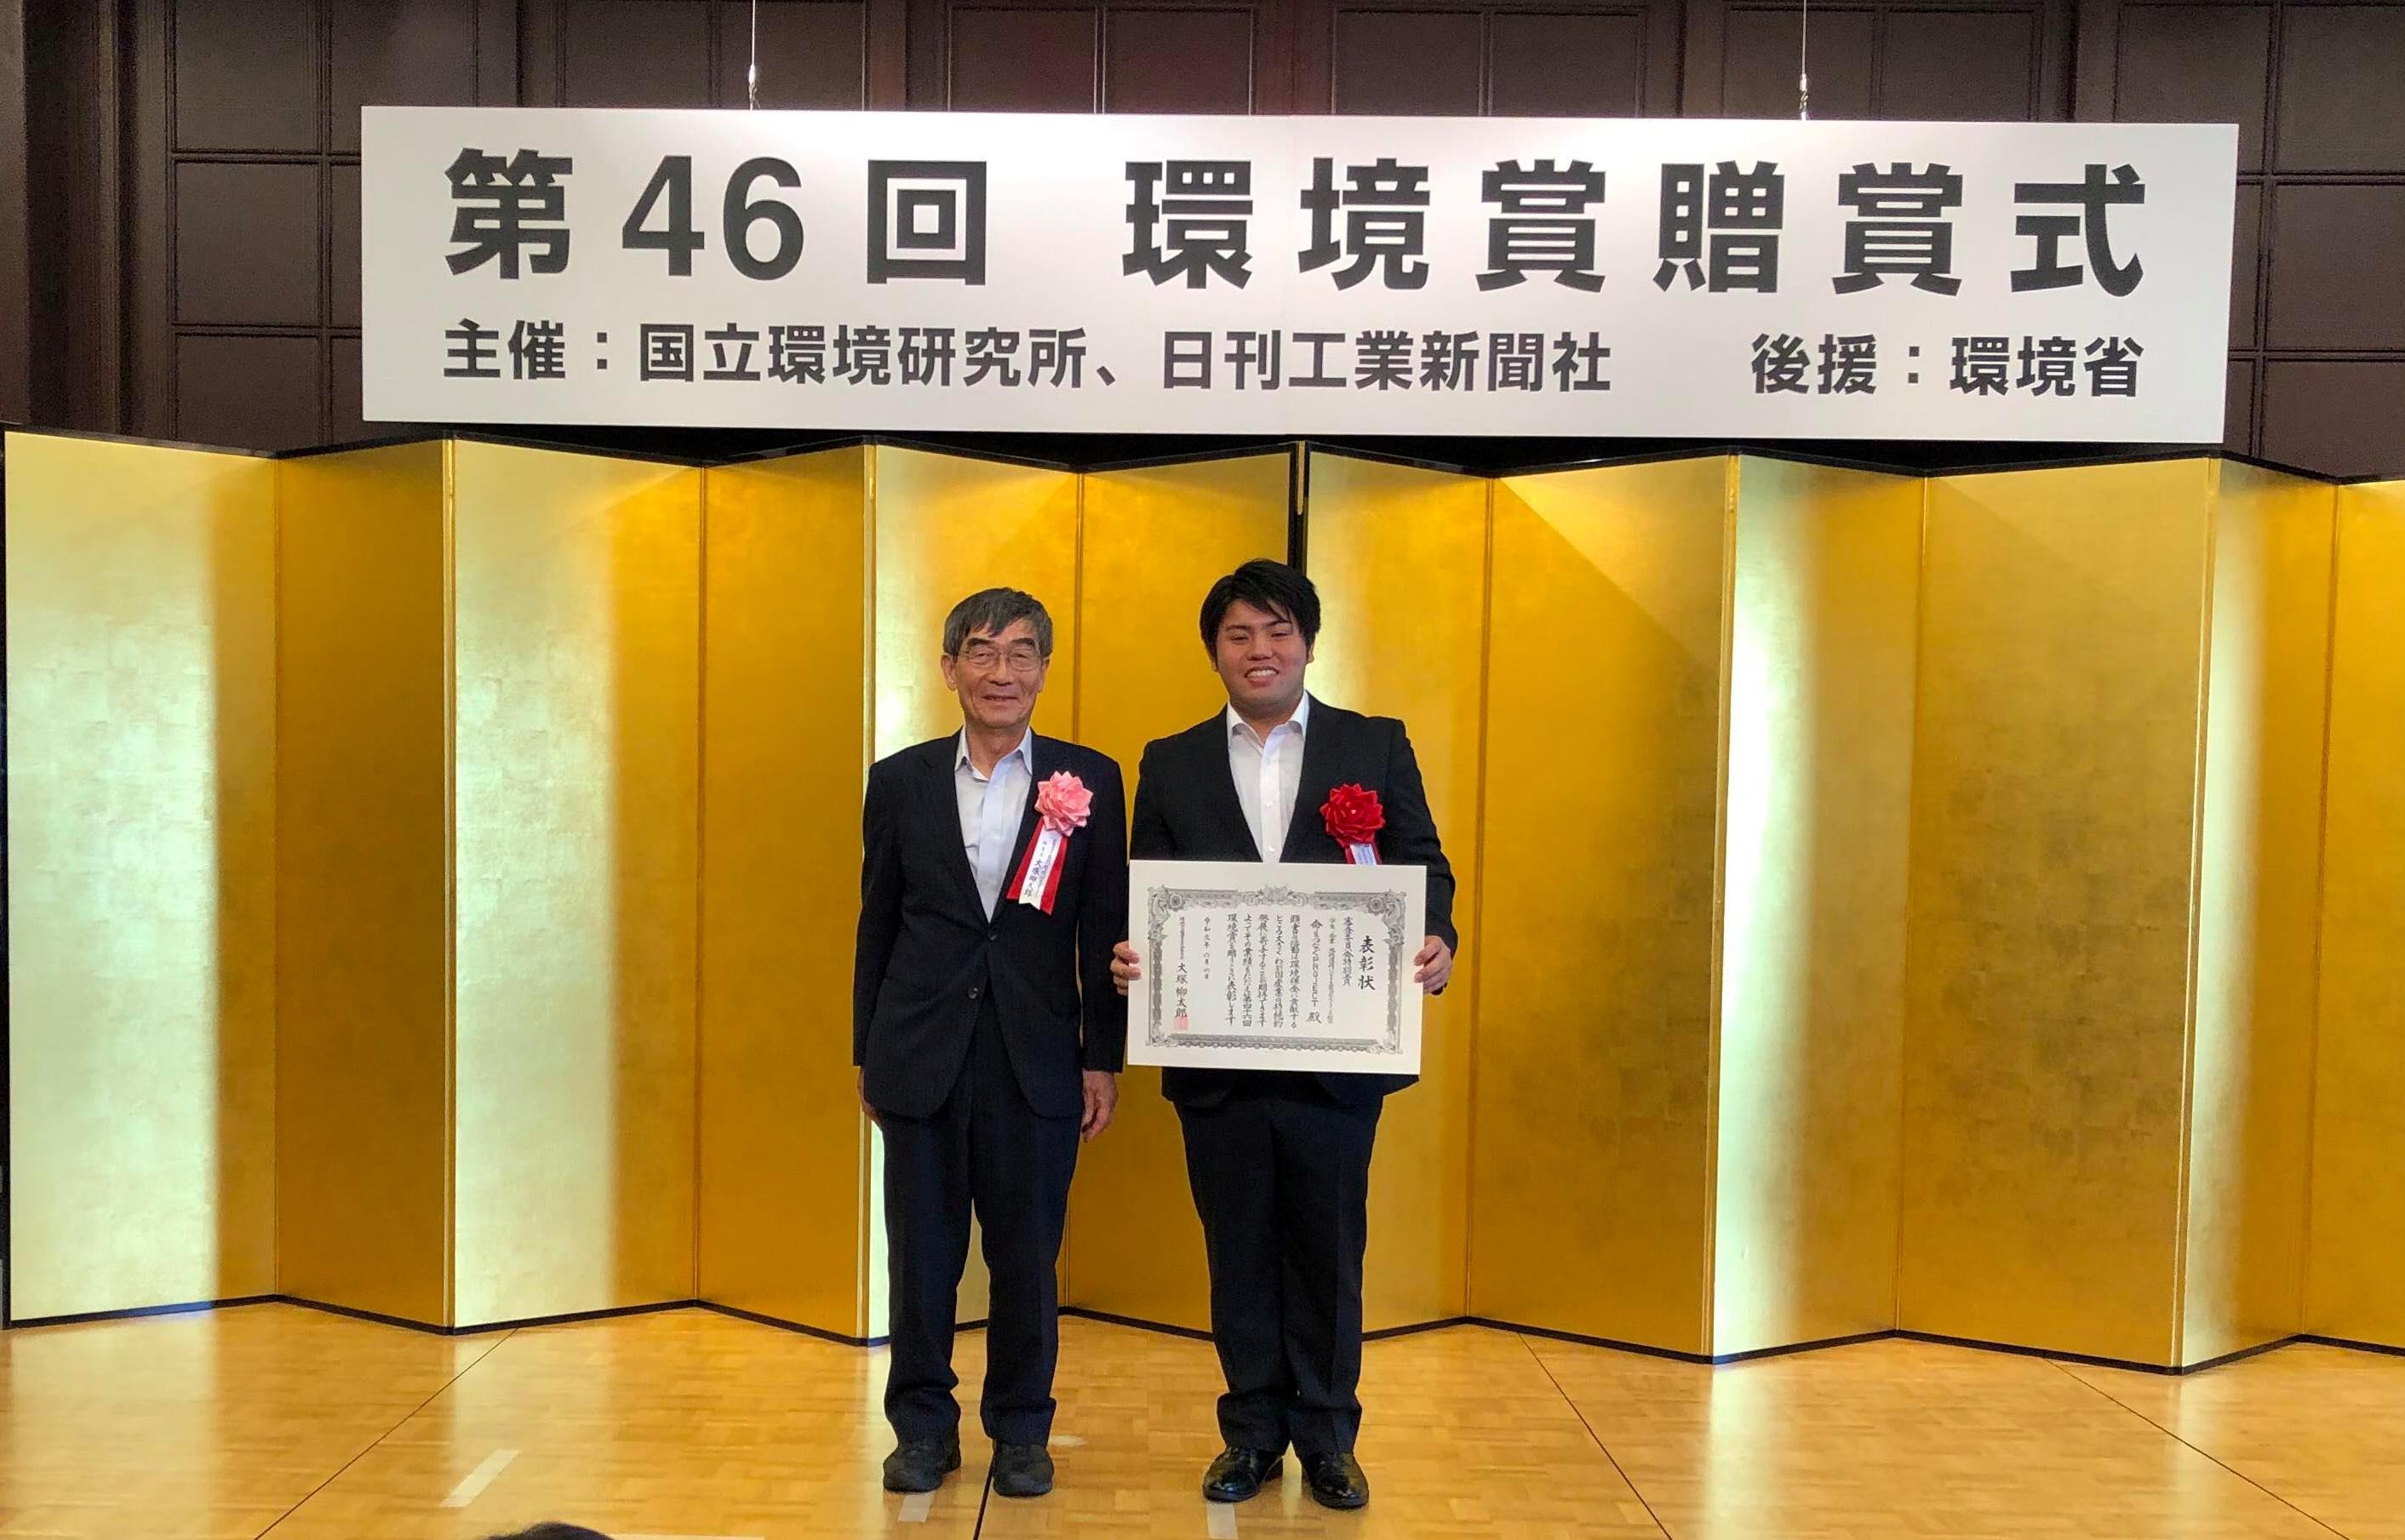 審査委員長(左)から表彰状を授与され喜びでいっぱいの玉代勢さん(右)